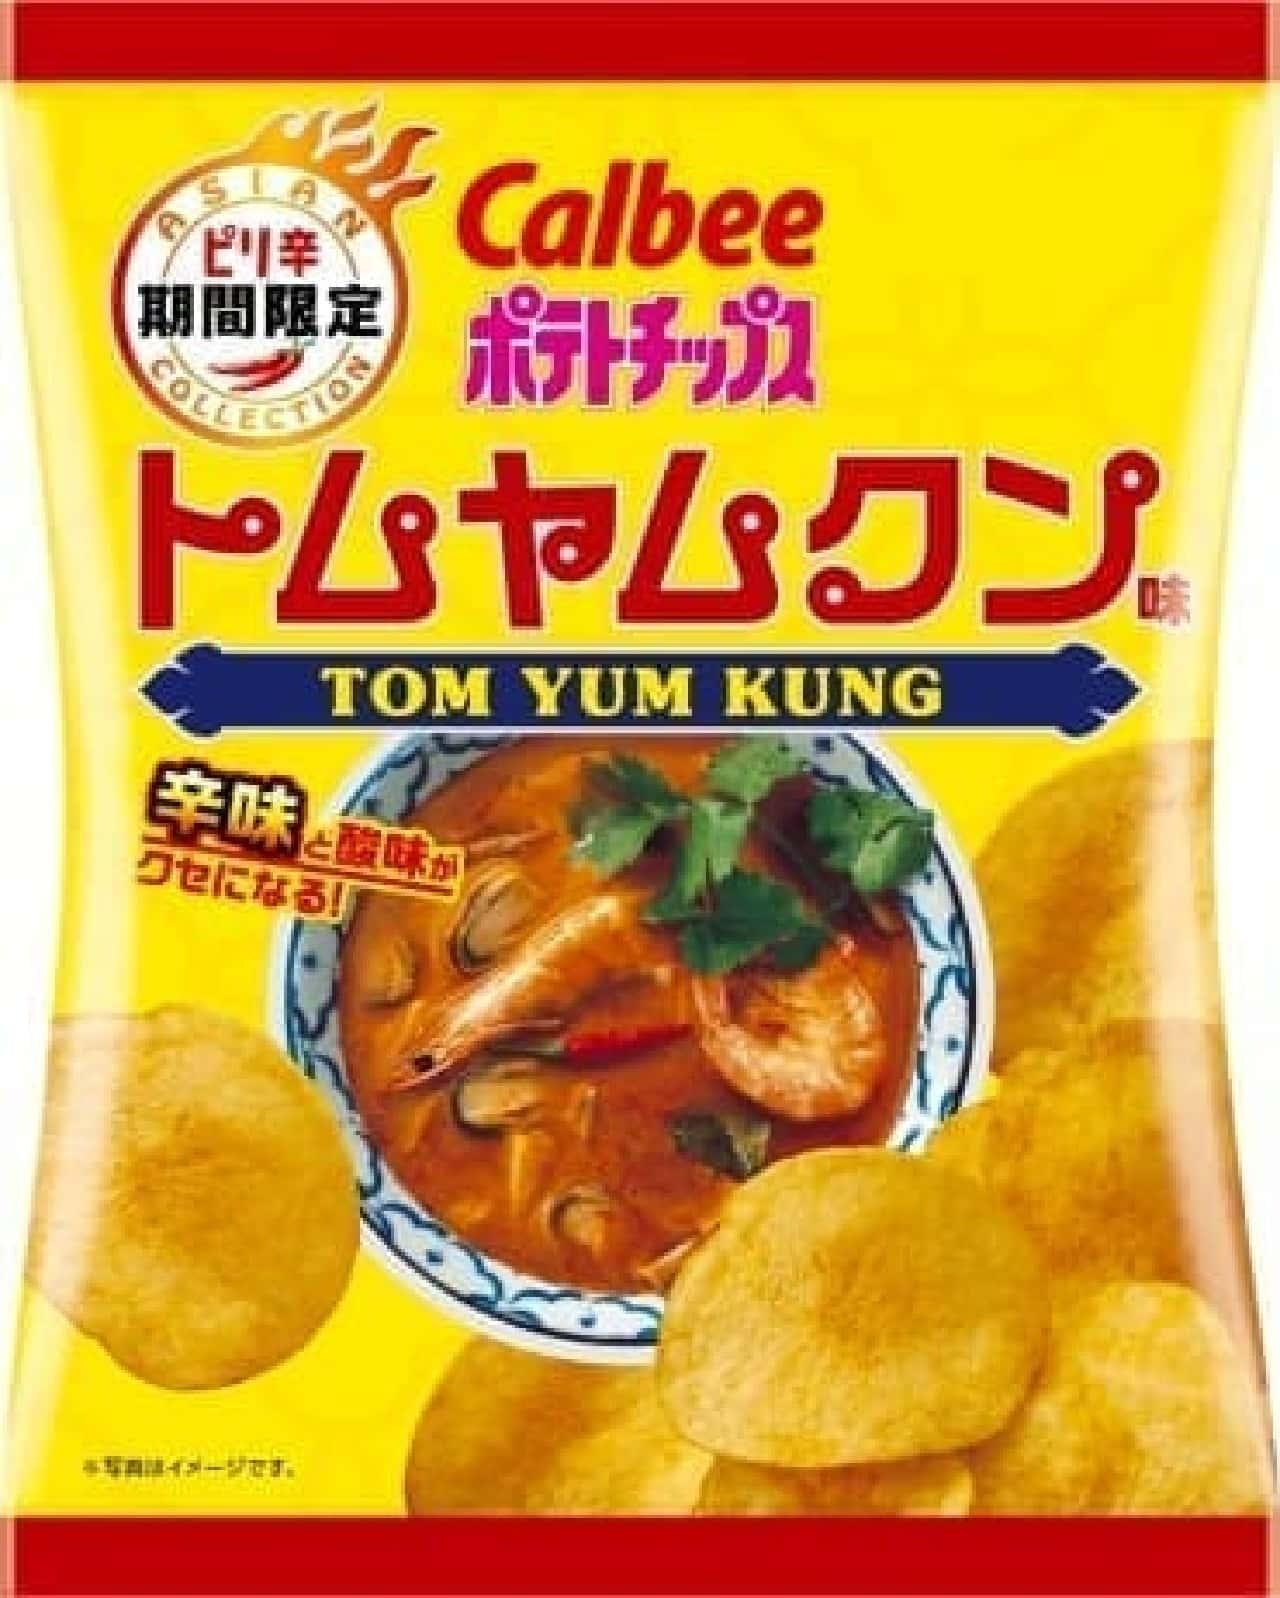 ますます人気のトムヤムクンがポテトチップスに!